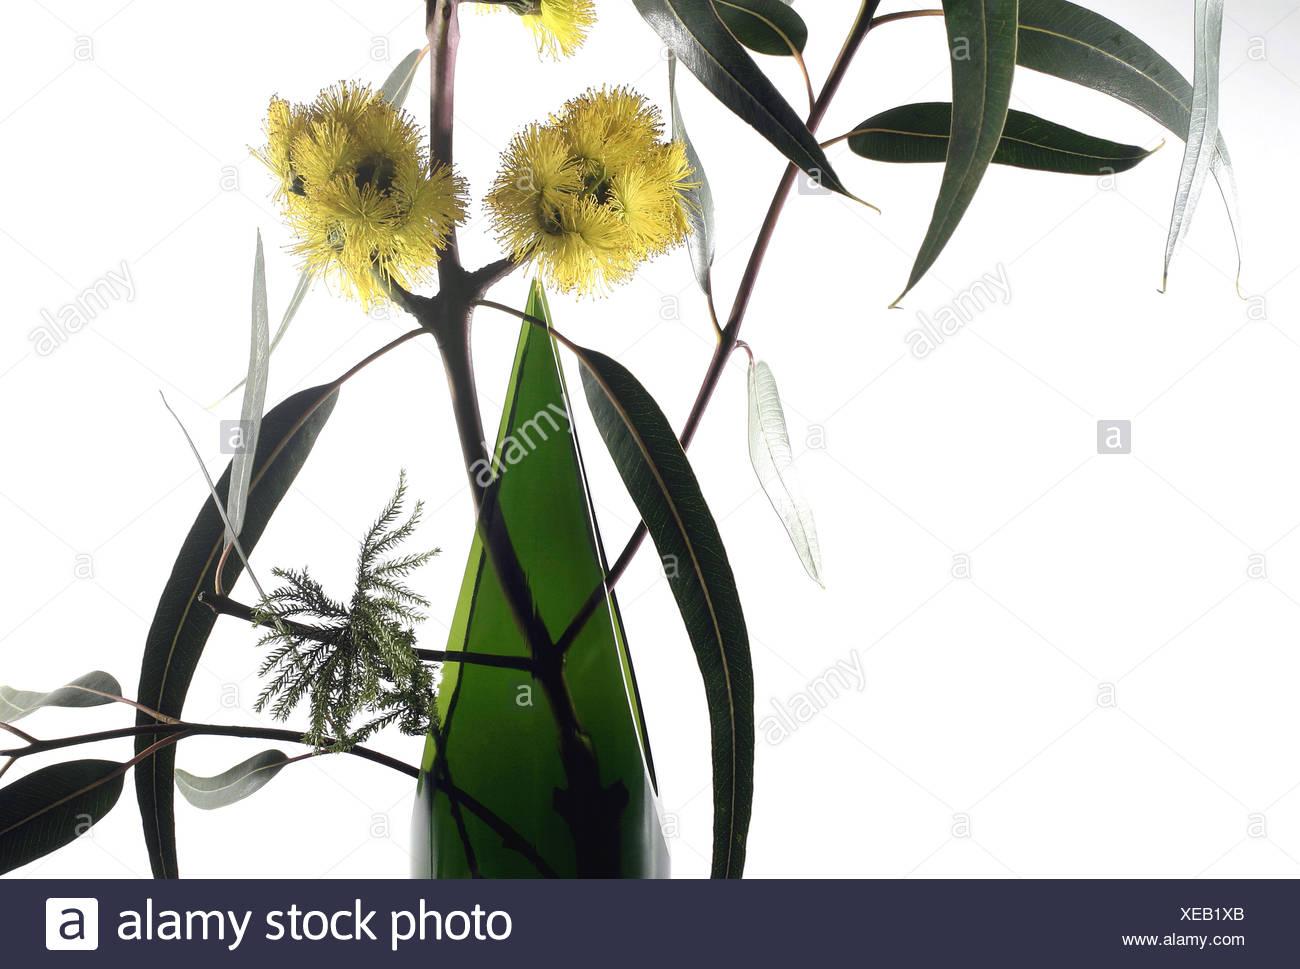 branche d'eucalyptus dans un vase banque d'images, photo stock